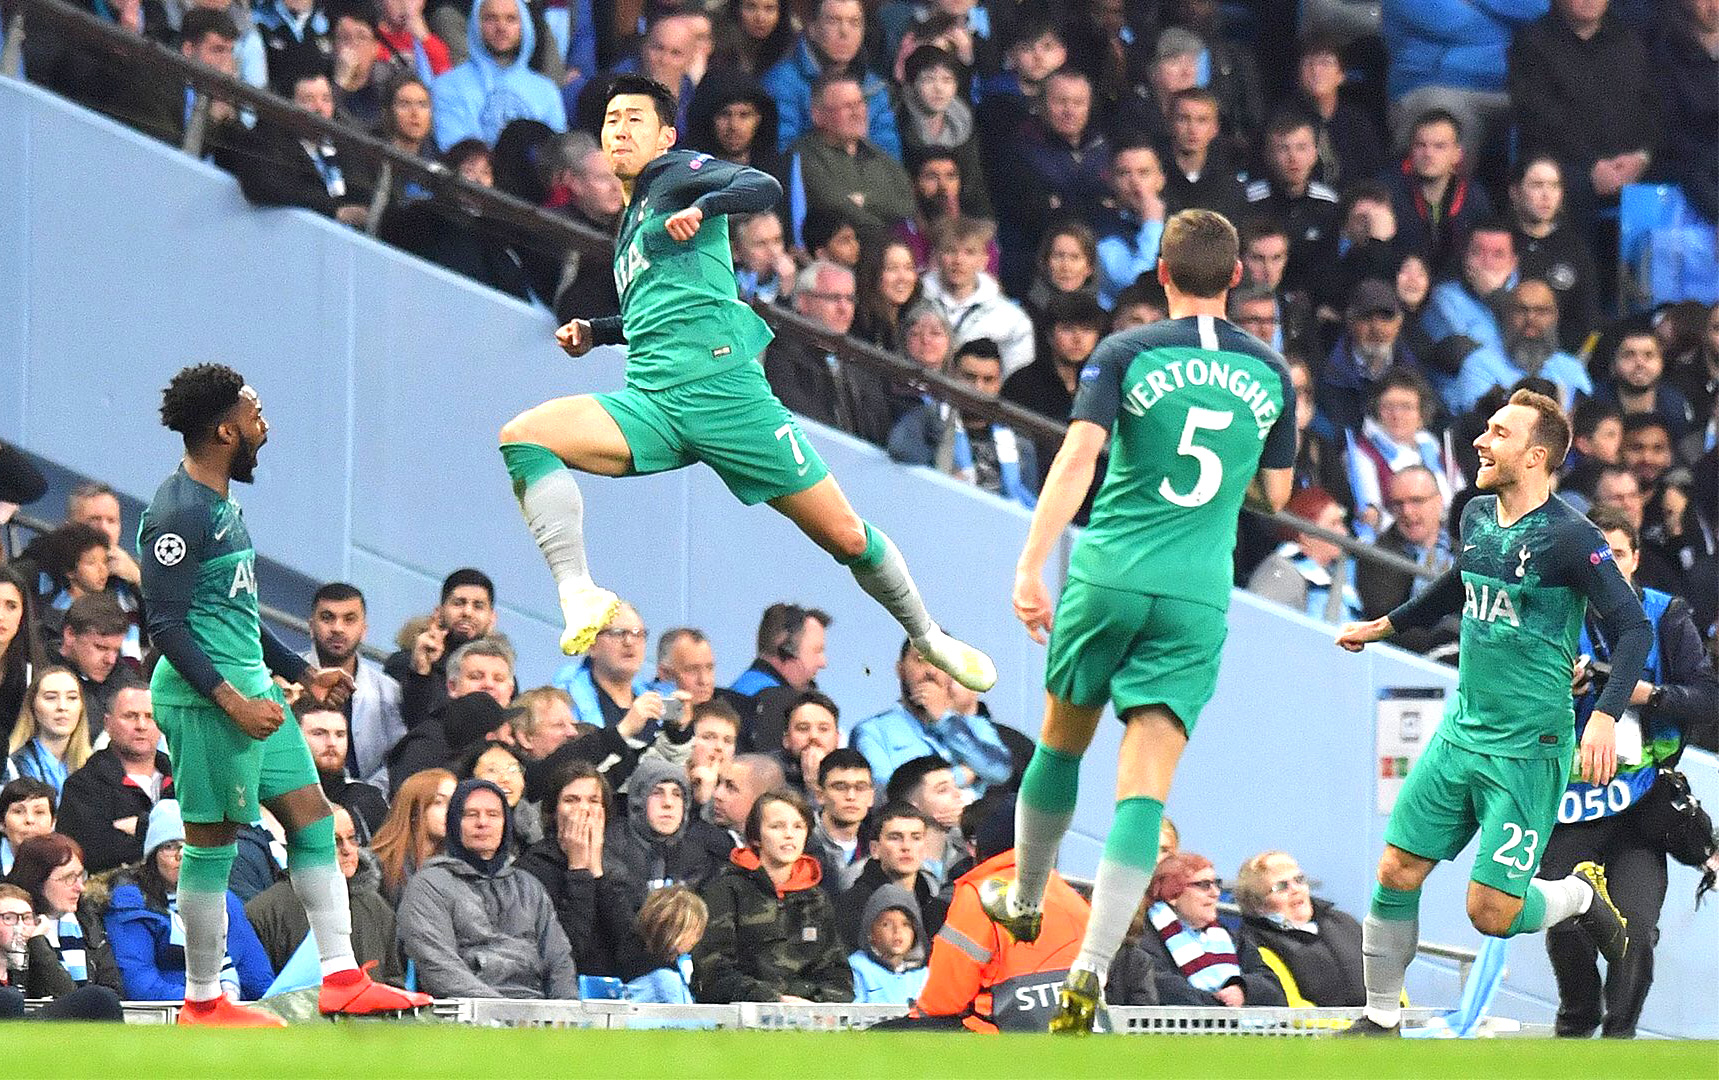 Récap Ligue des Champions #13 : l'Ajax récidive, Tottenham miraculé